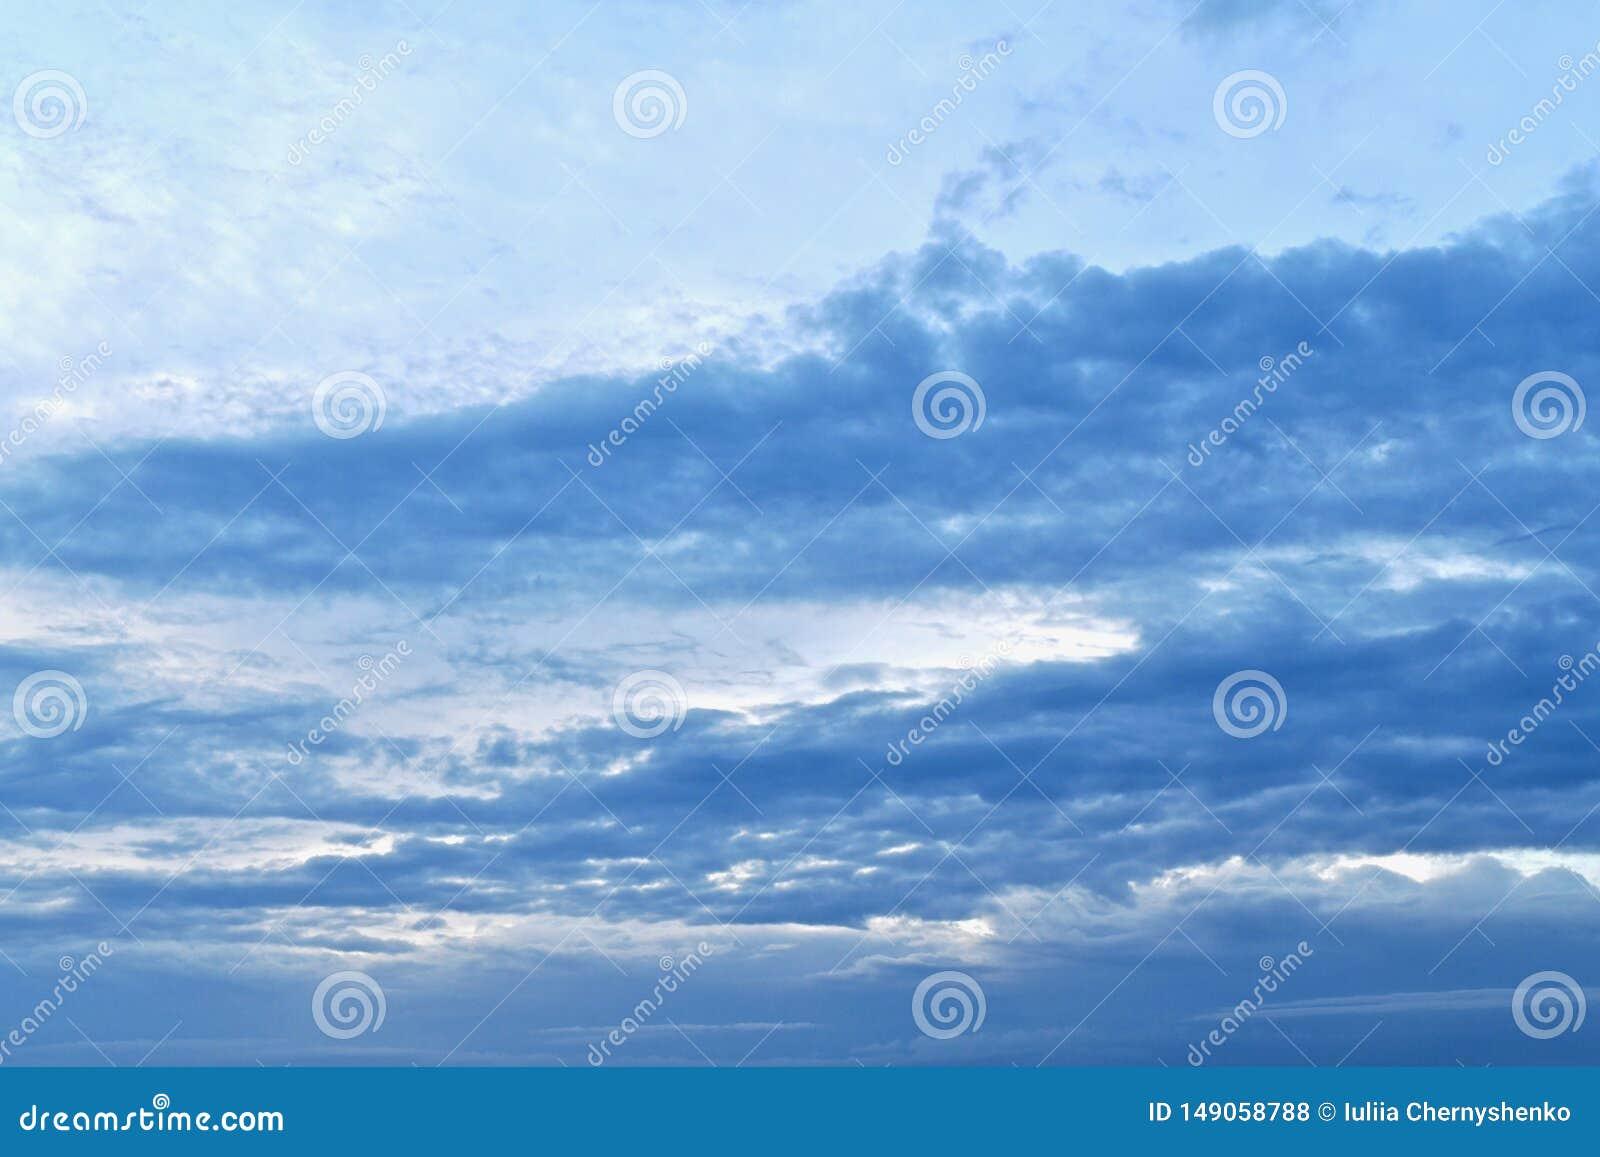 Foto con una pendiente azul, de la luz a la oscuridad